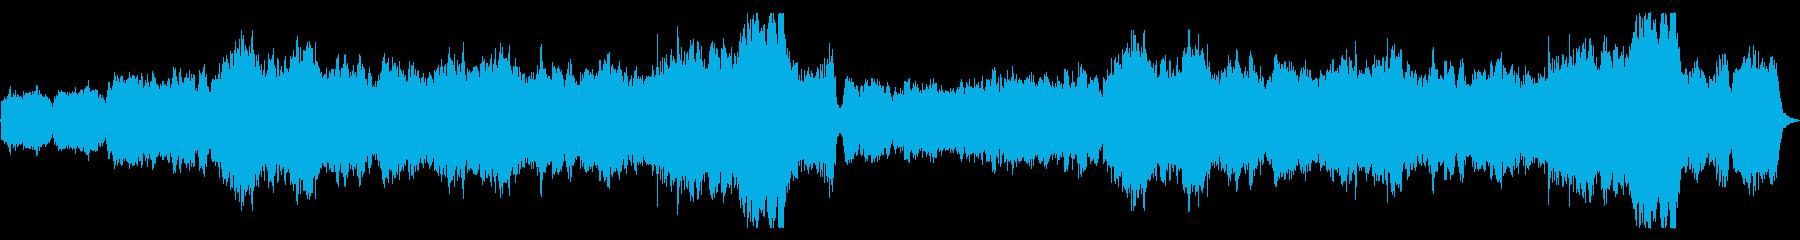 RPGループ仕様楽曲、魔法使いの部屋の再生済みの波形